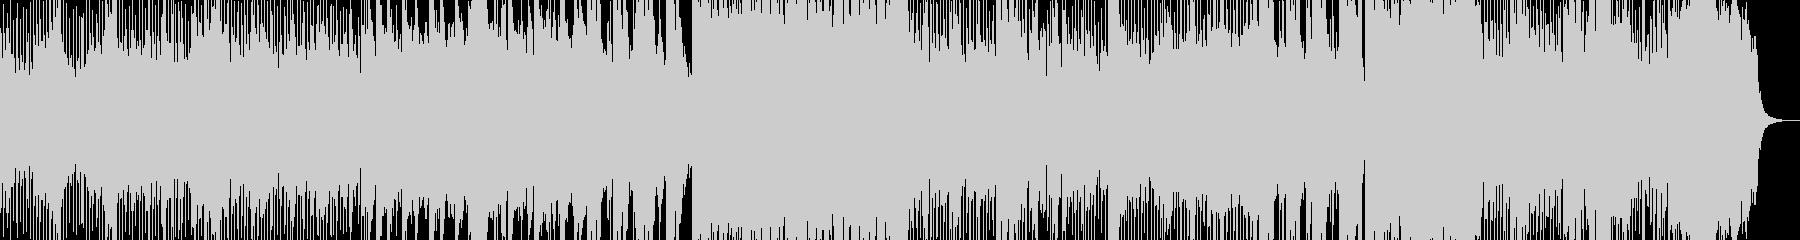 シンセとギターによるロックBGMアニメ風の未再生の波形